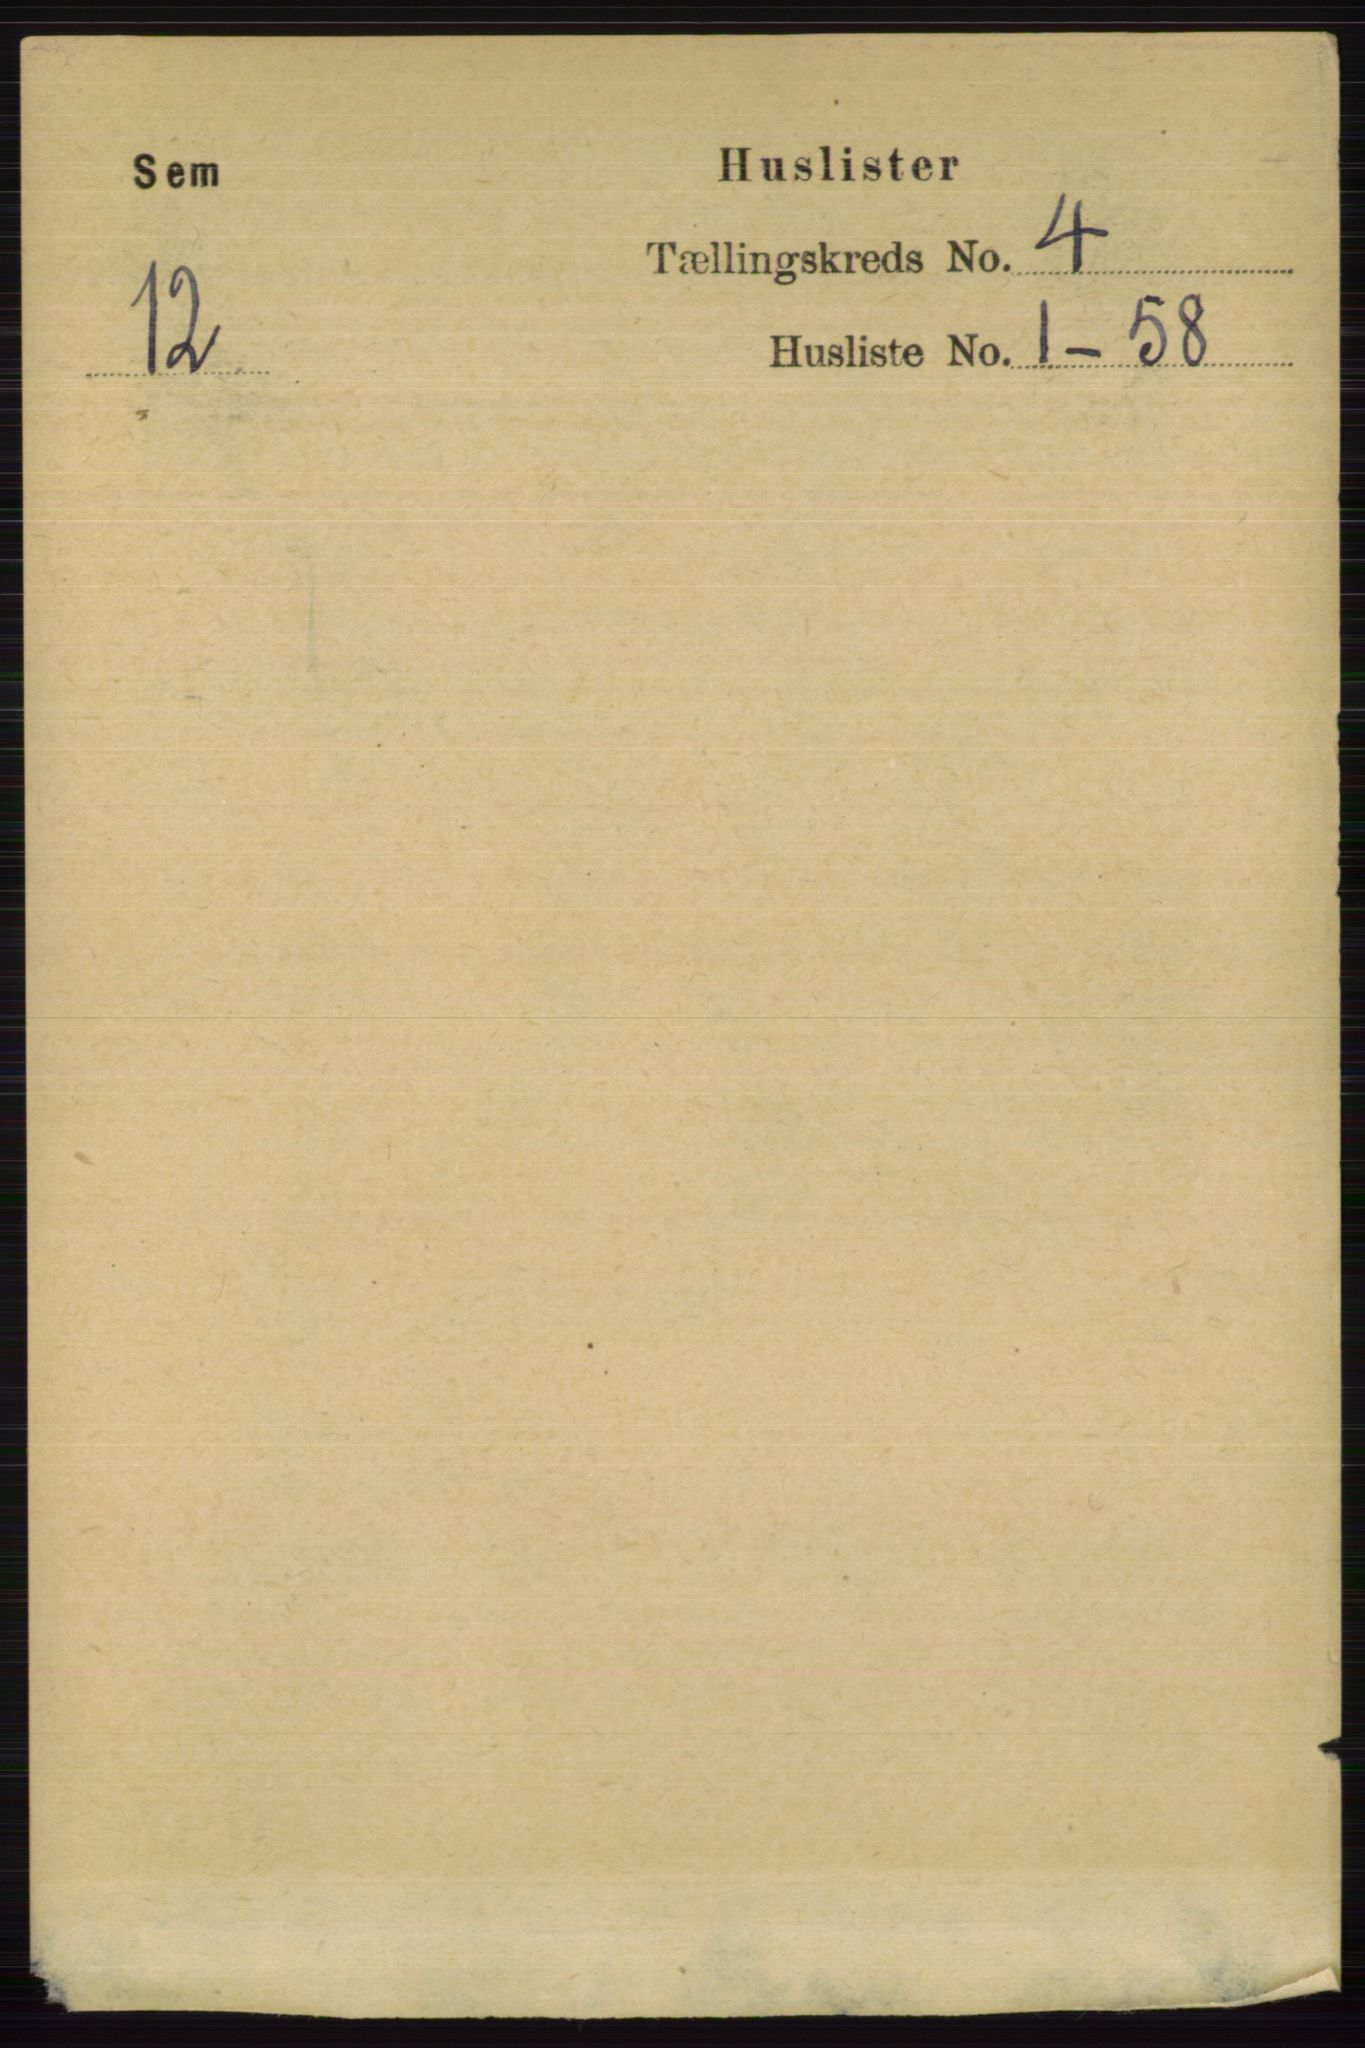 RA, Folketelling 1891 for 0721 Sem herred, 1891, s. 1479